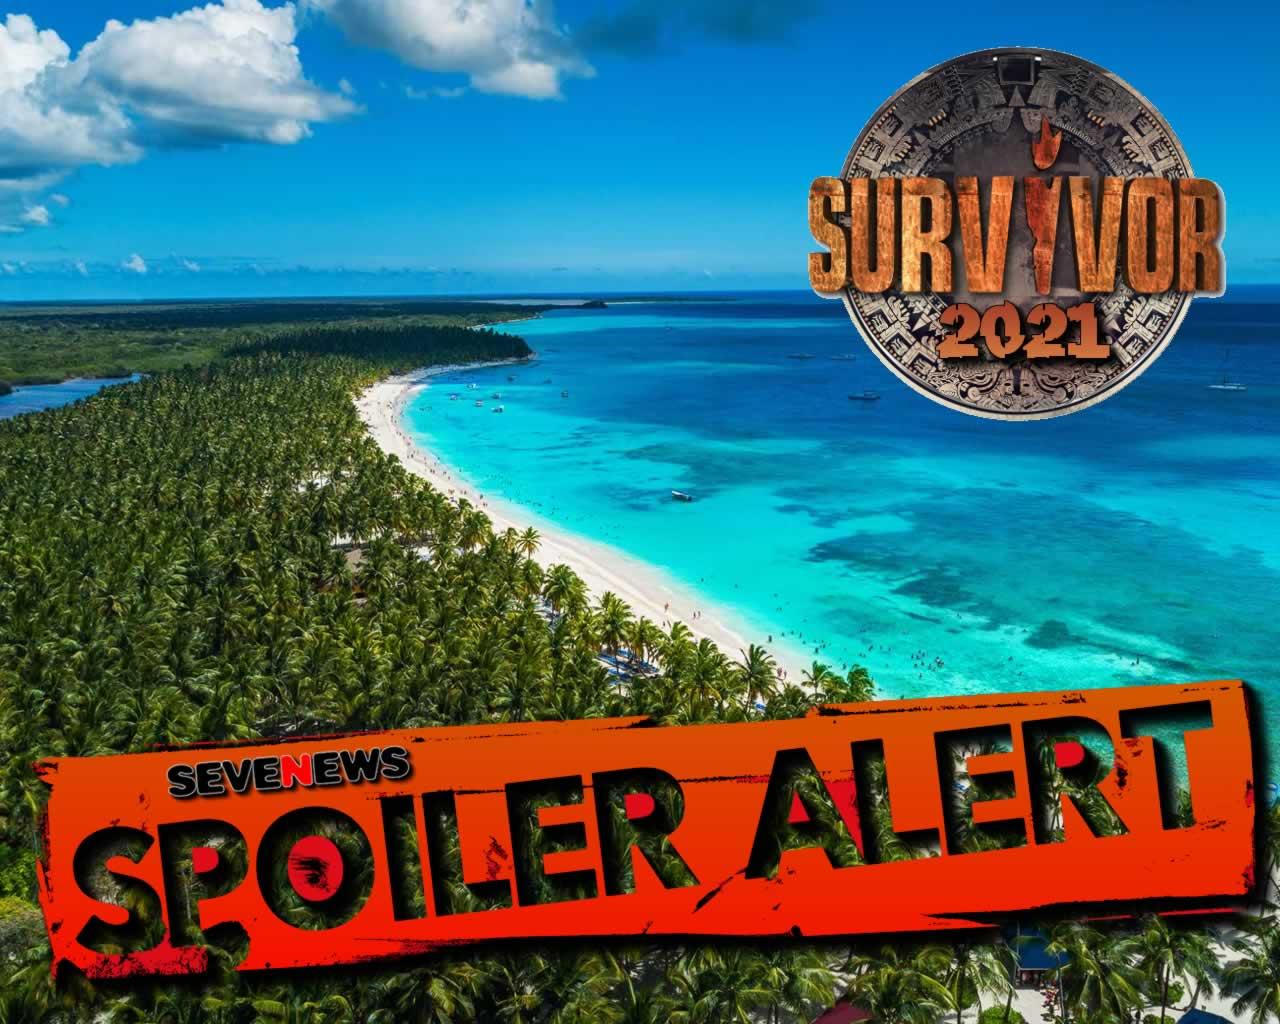 Survivor spoiler,survivor spoiler,survivor spoiler 31 1,survivor spoiler sportime,survivor spoiler κυριακη,survivor spoiler ασυλια,survivor spoiler 31 1 21,survivor spoiler ποιοσ κερδιζει,survivor spoiler dokari,survivor spoilers,survivor spoiler youweekly